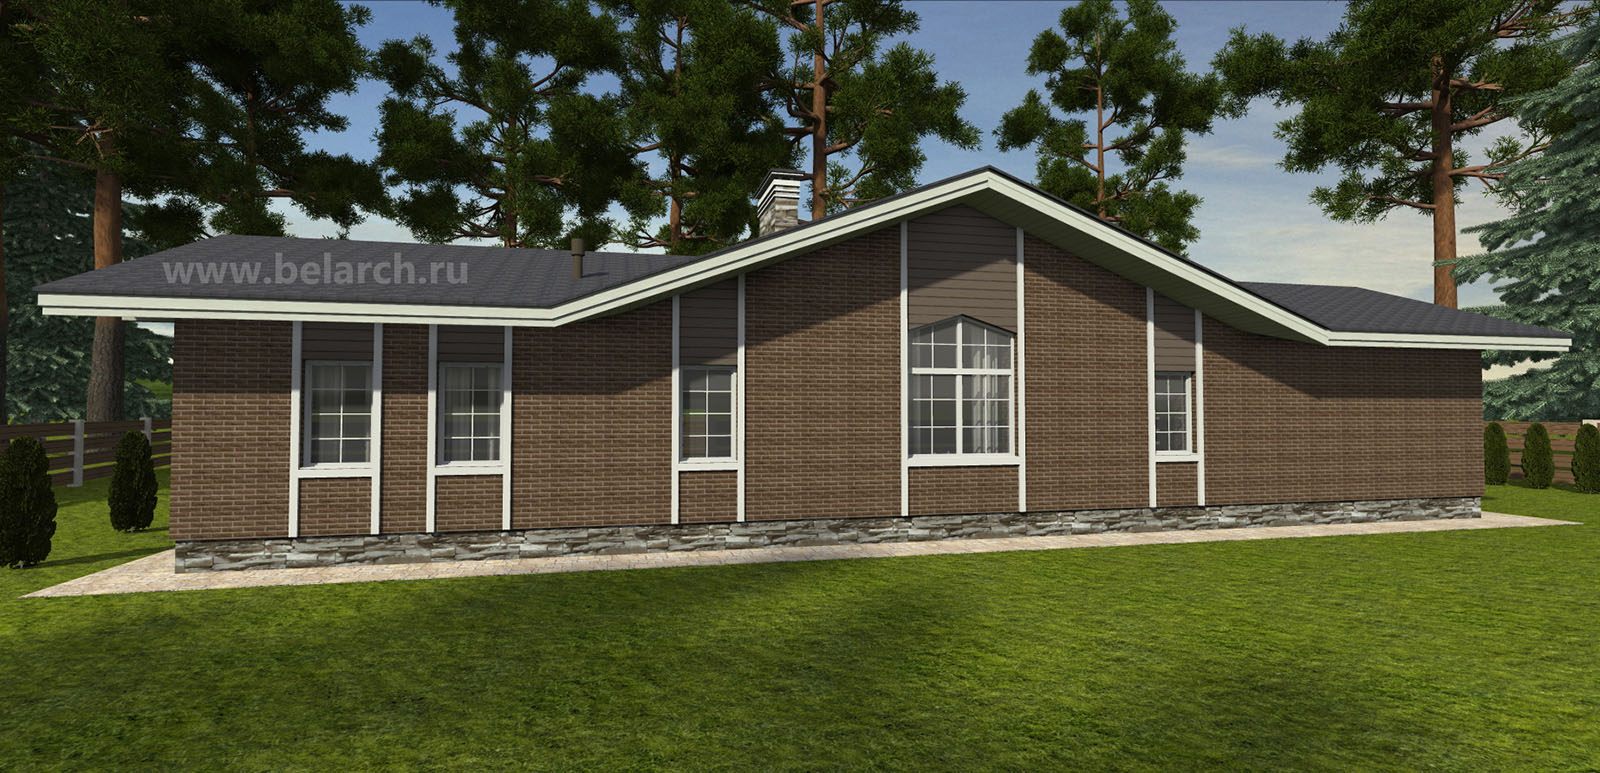 Проект вытянутого одноэтажного дома 120 м2